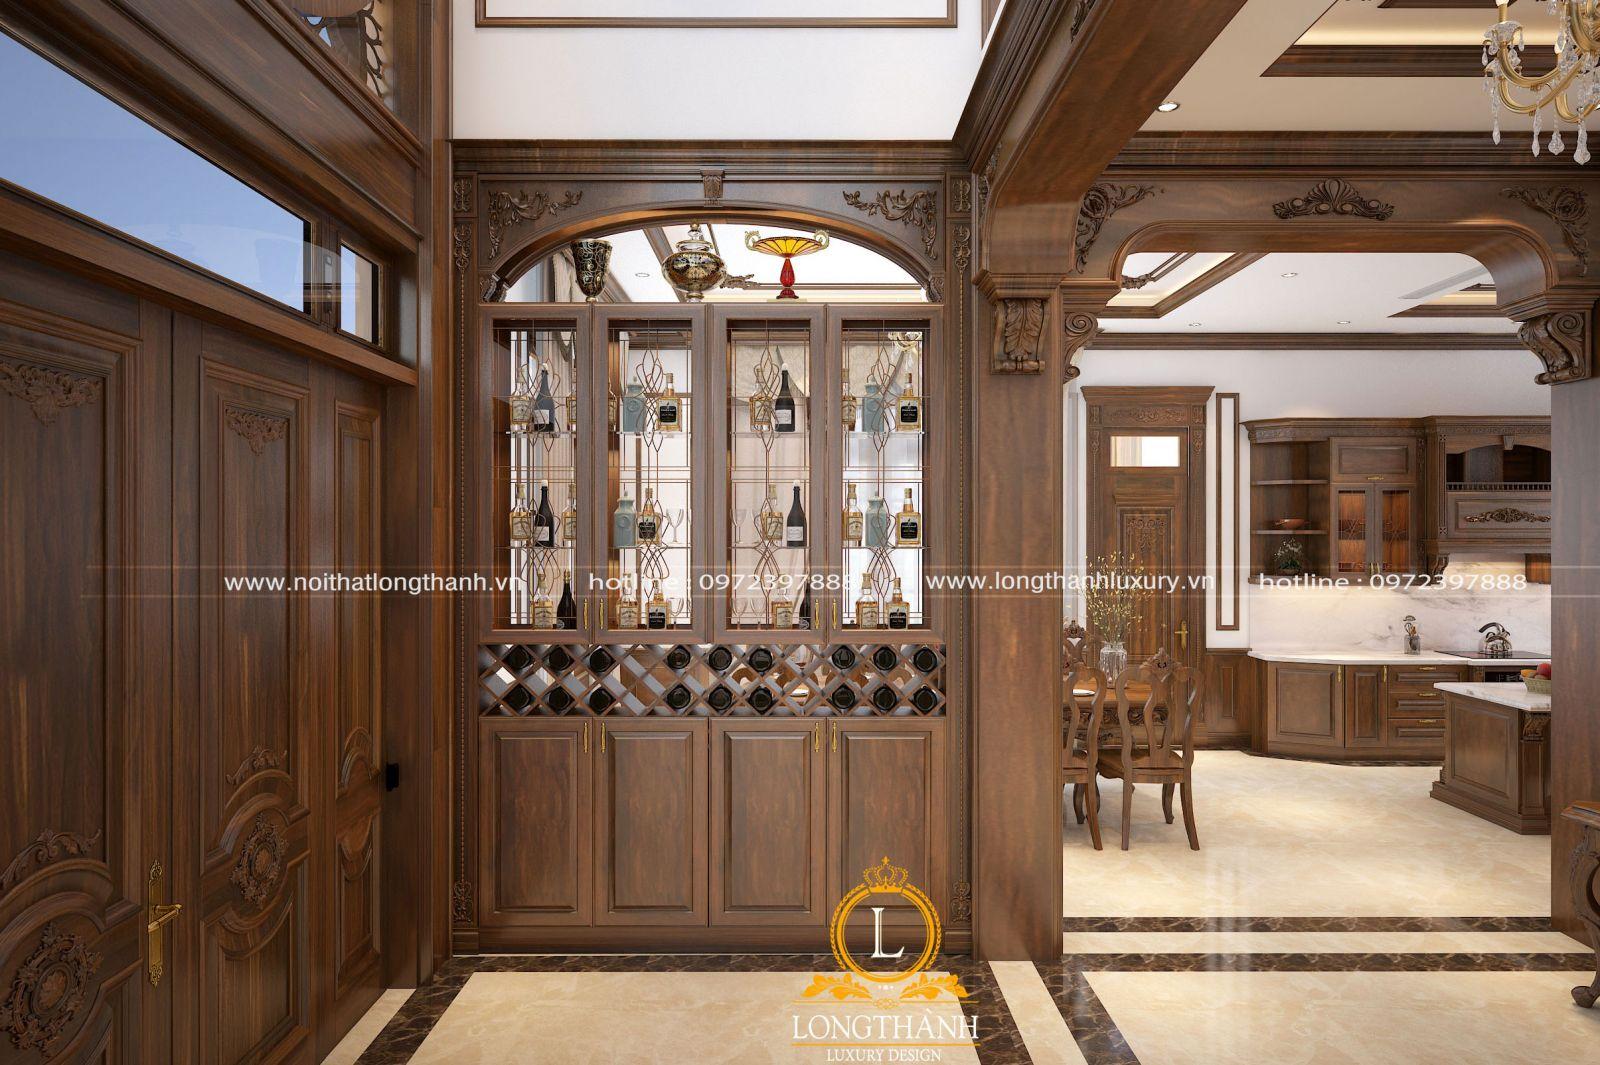 Thiết kế nội thất biệt thự với việc tối đa hóa diện tích không gian